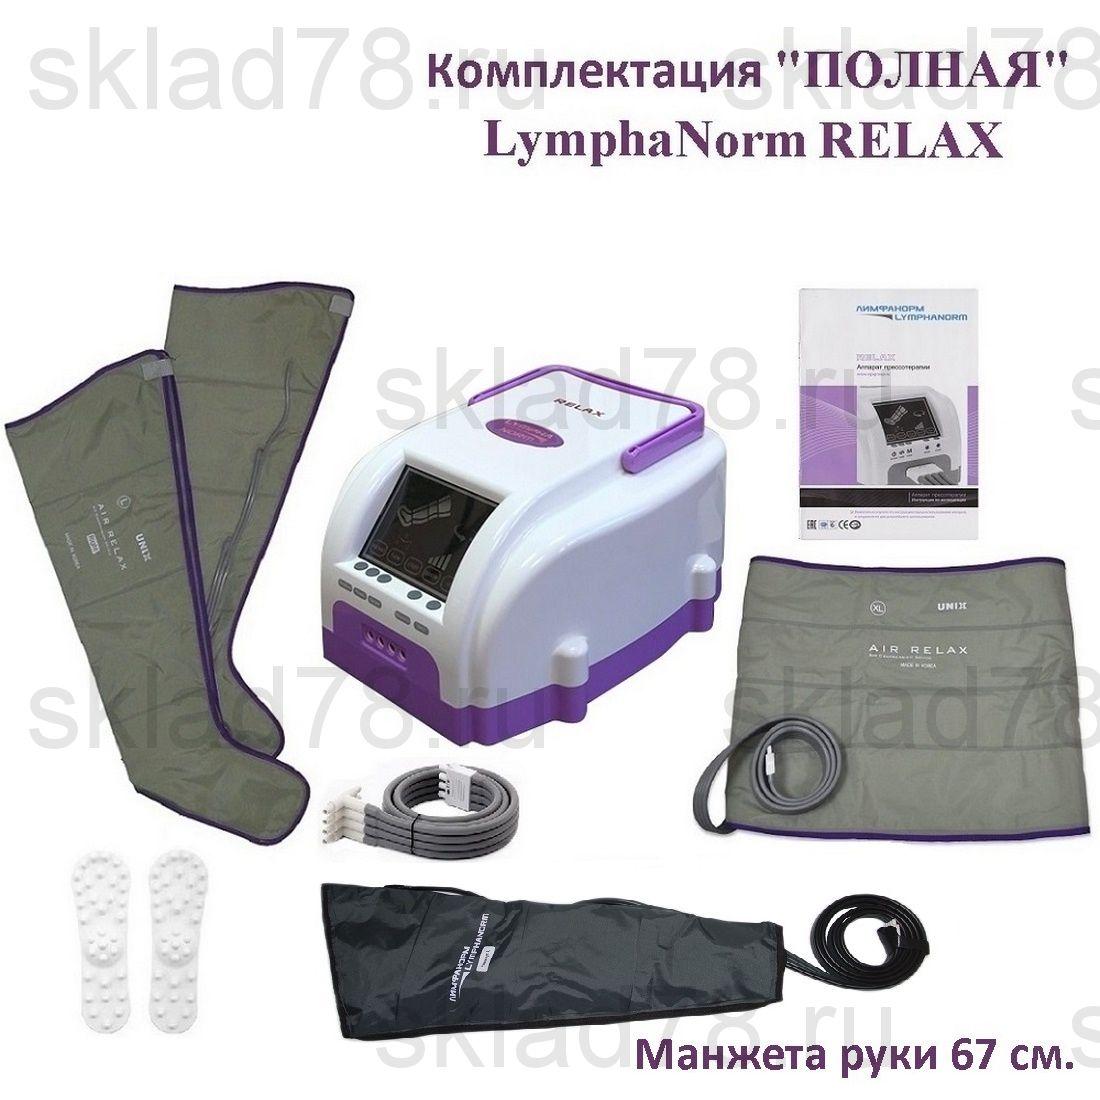 """LymphaNorm RELAX Лимфодренаж """"Полный"""" (рука 67 см.)"""